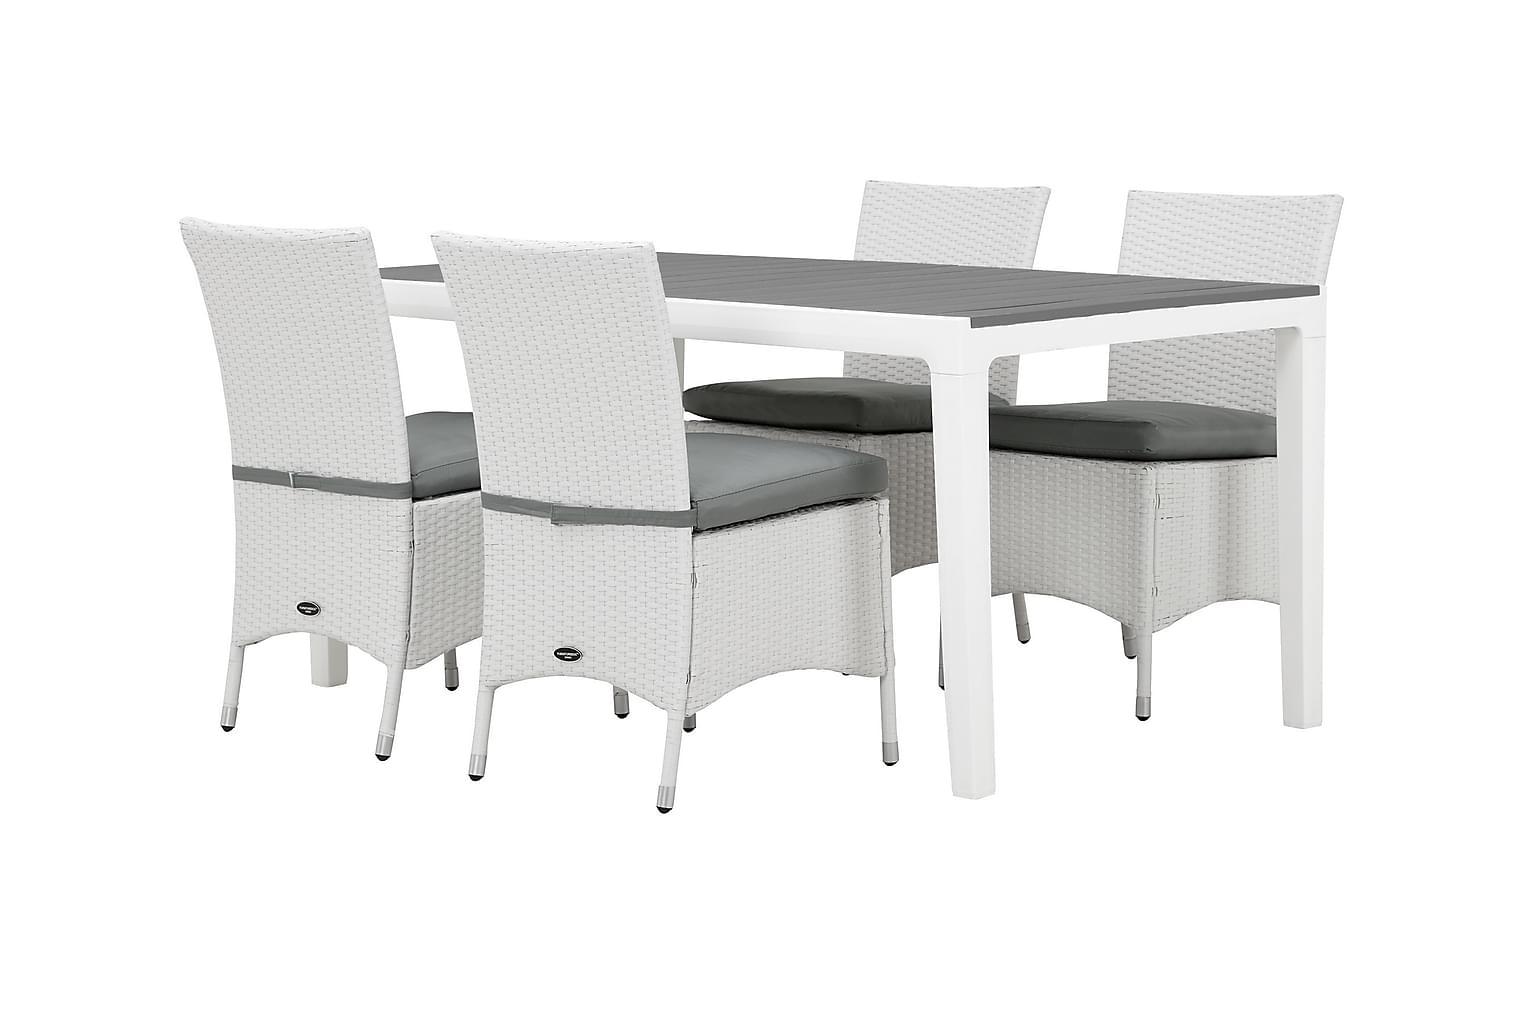 BILBAO Pöytä 160 + 4 ARUBA Tuolia Valkoinen/Harmaa